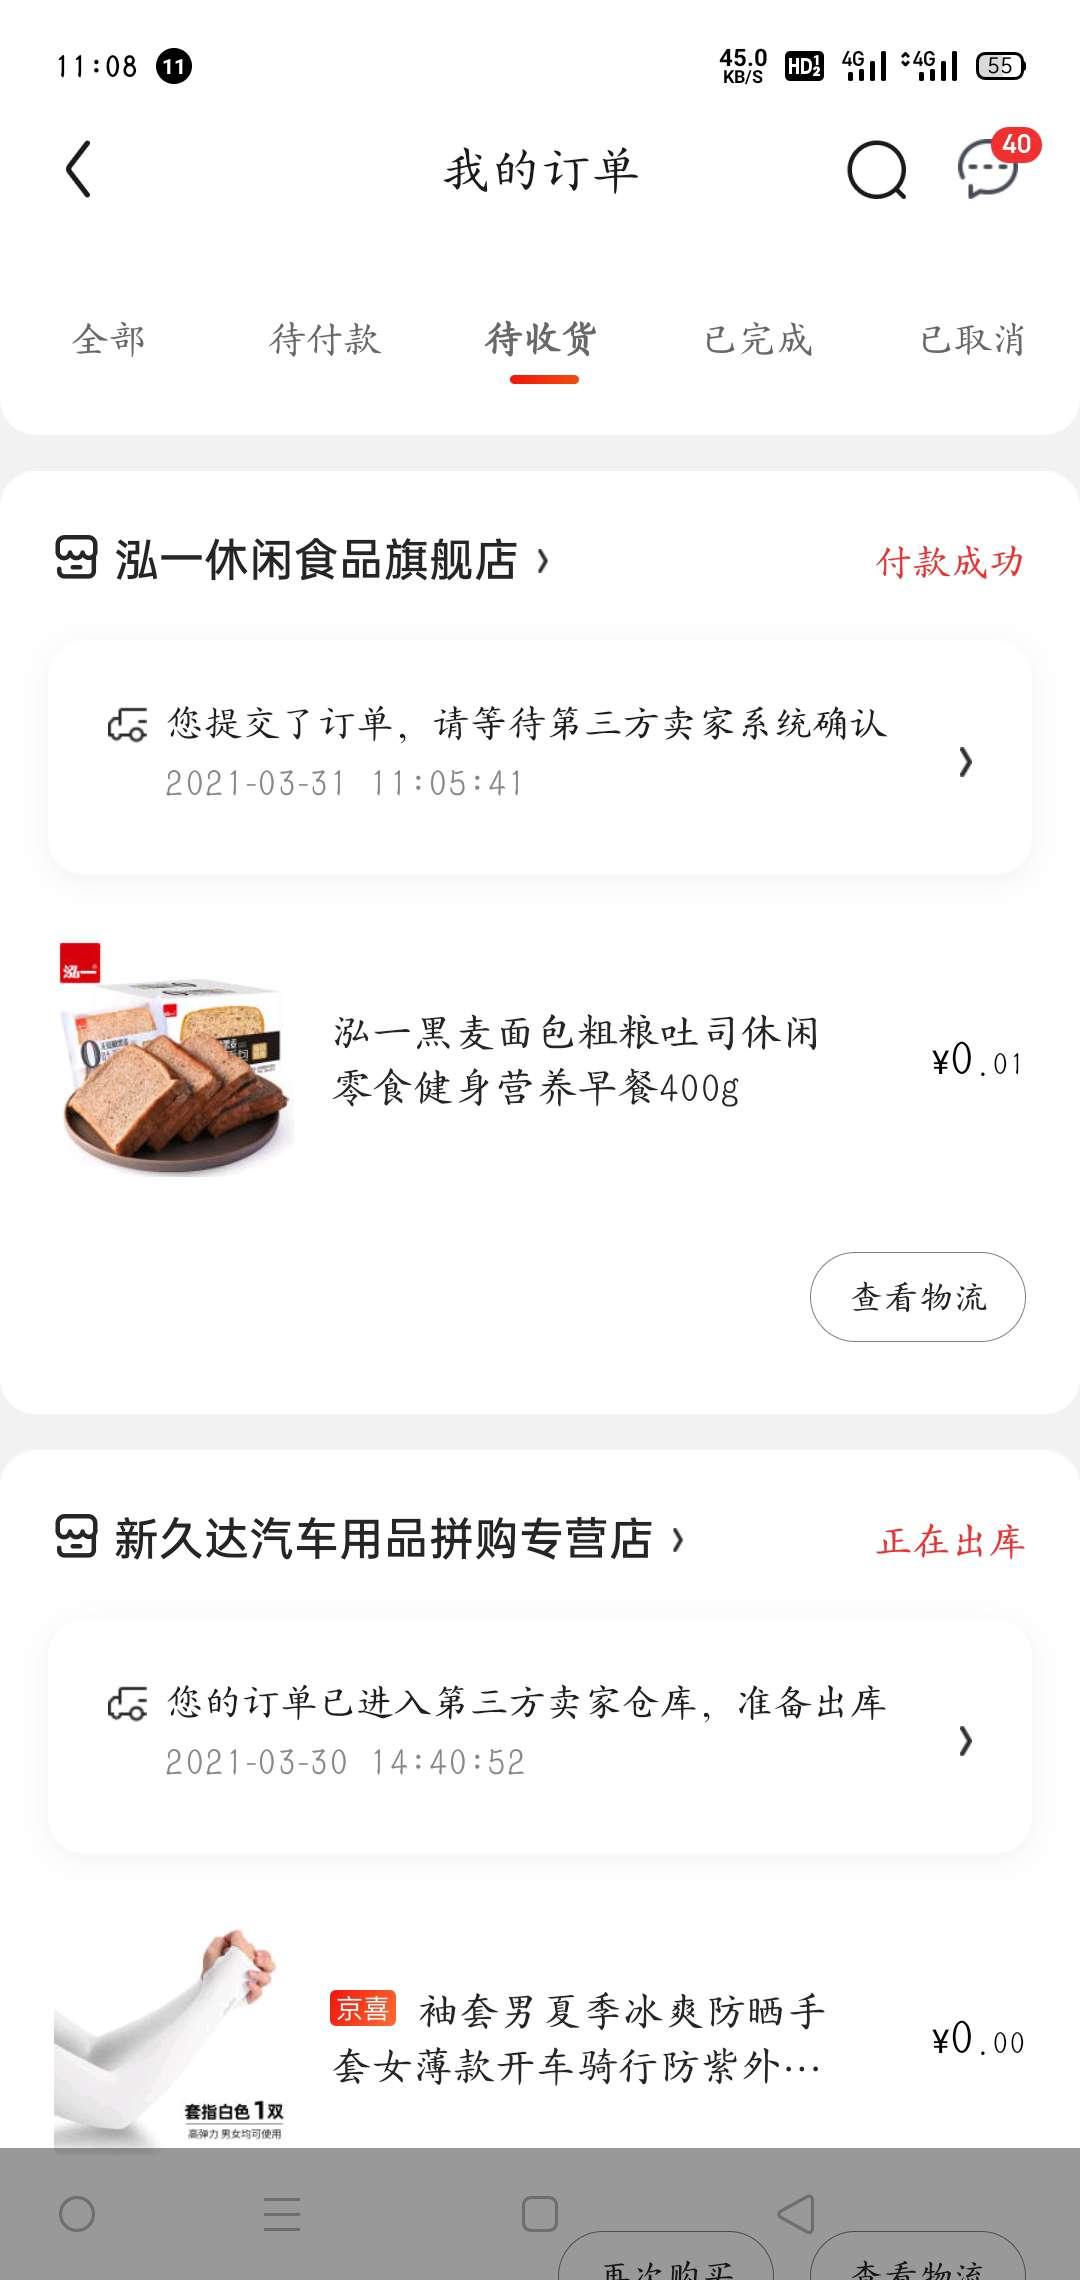 京东特价版1分购(麻烦审核快点)